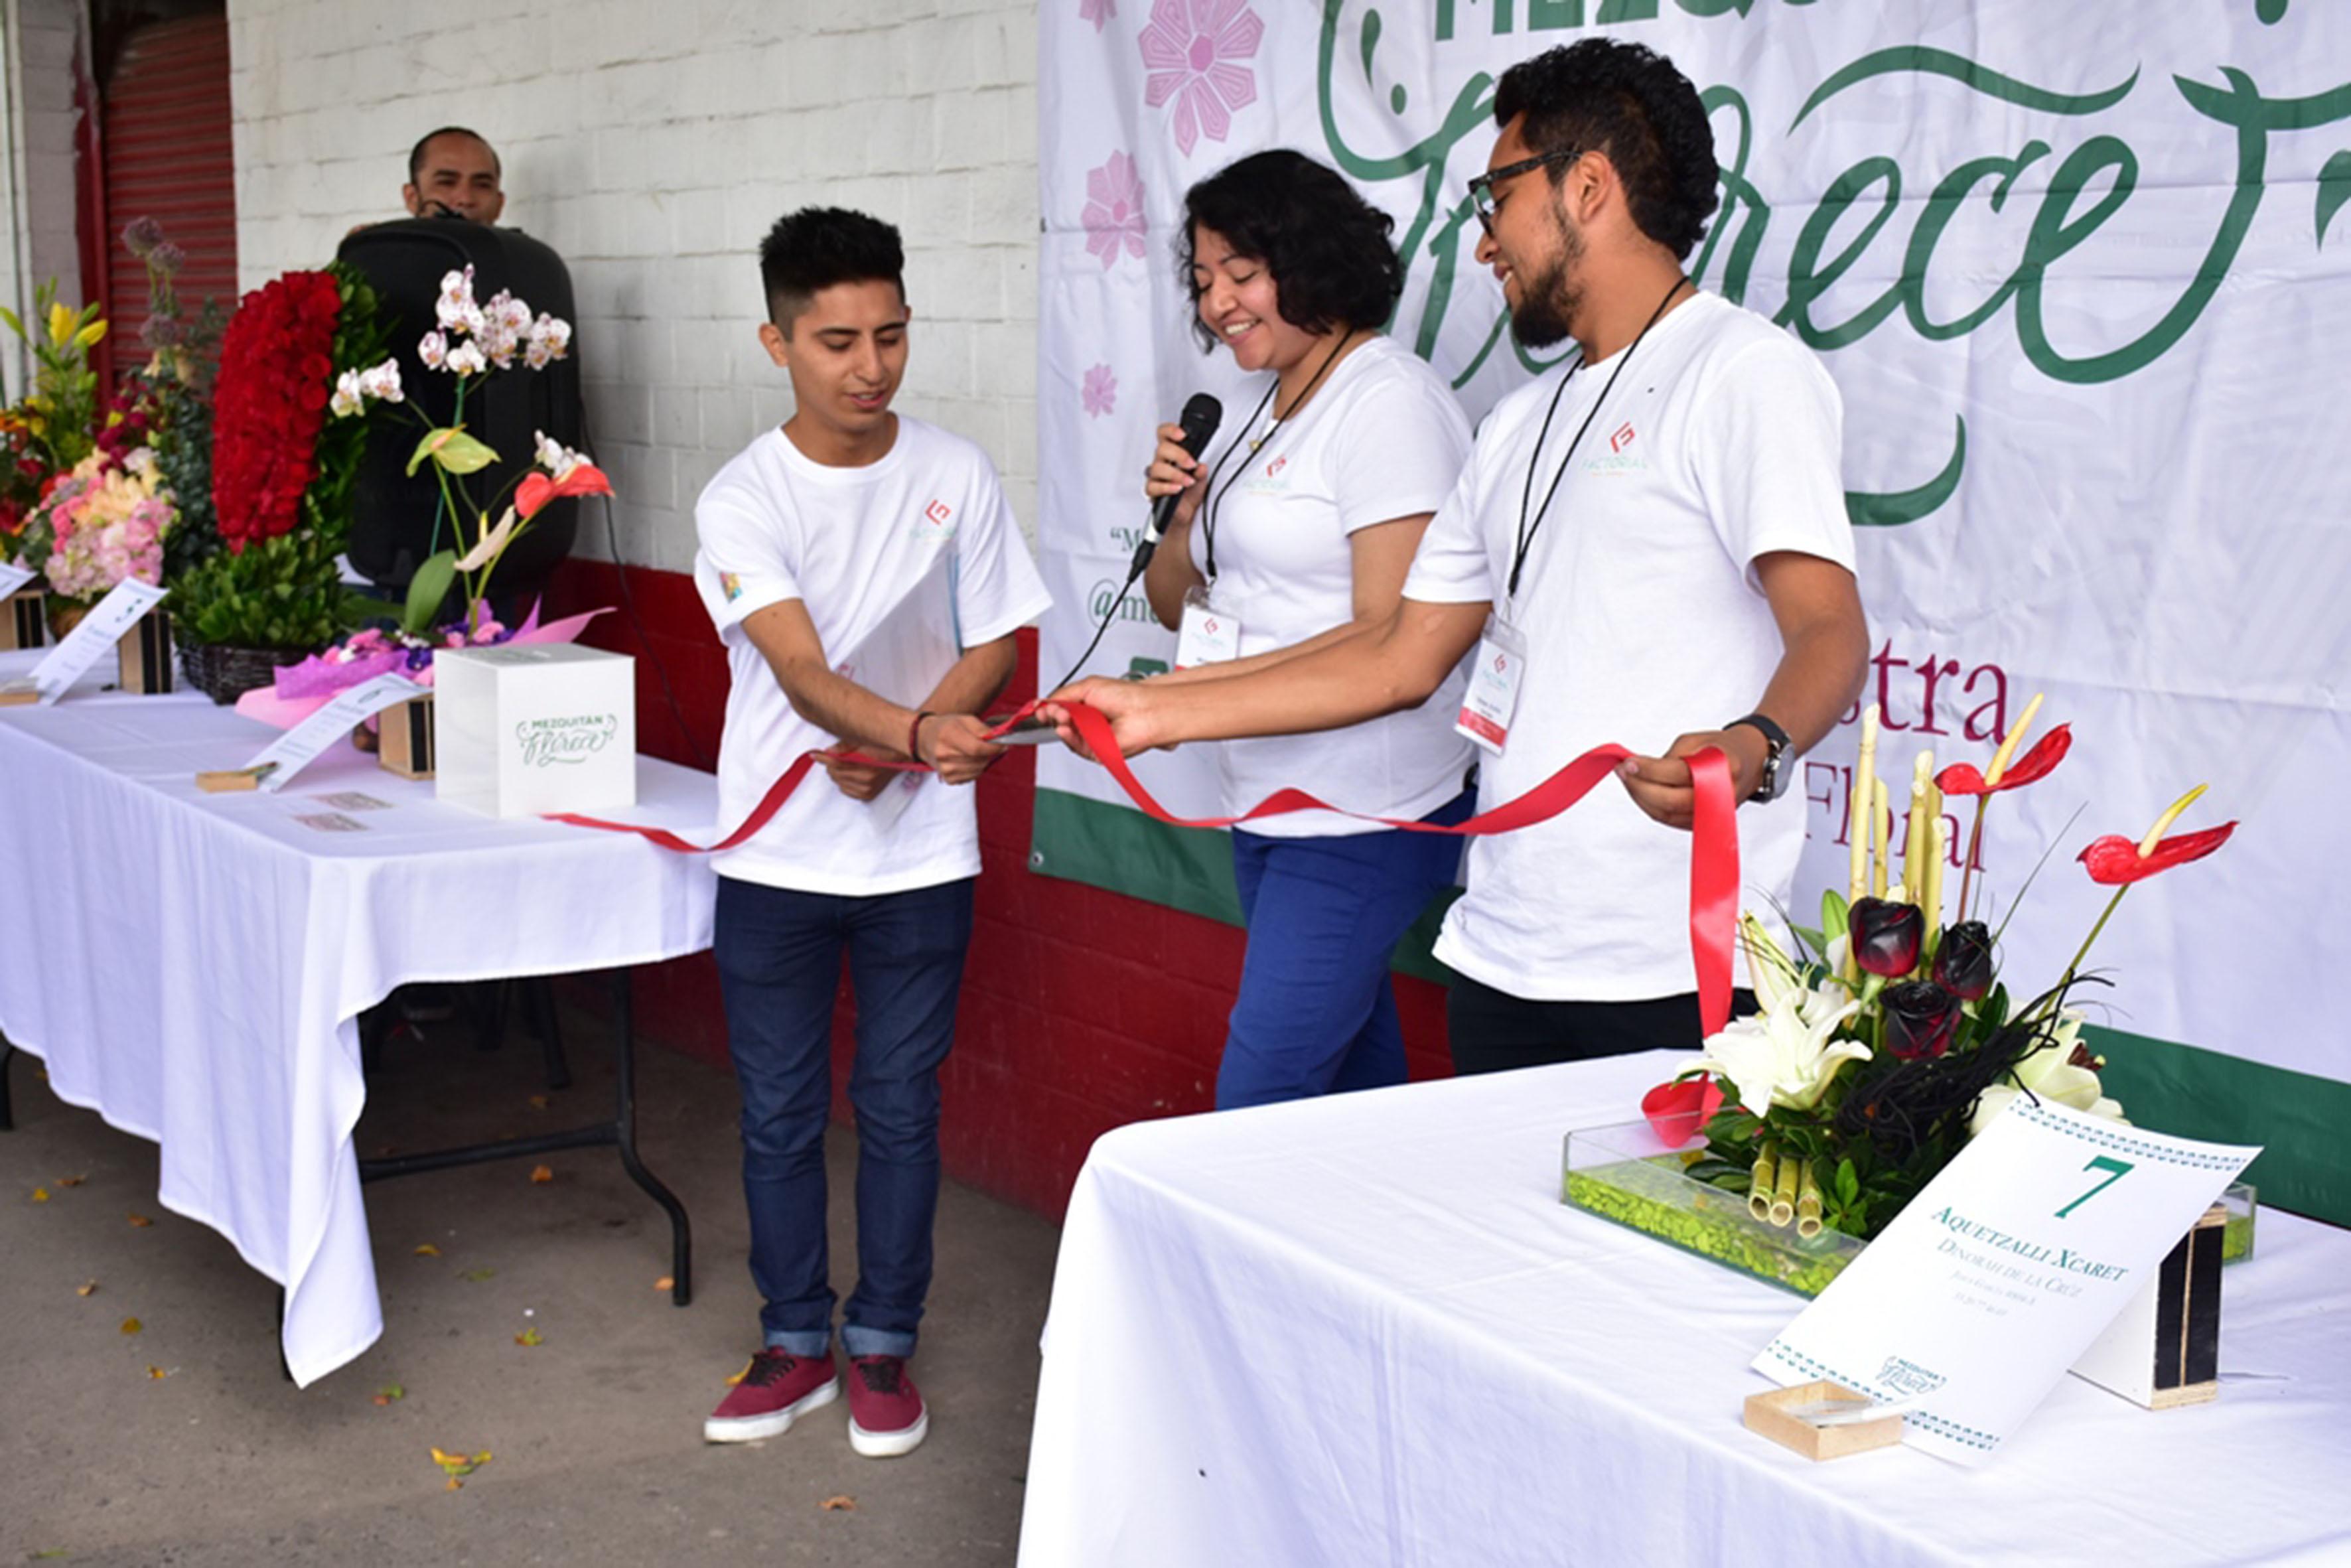 """Alumnos del CUAAD, cortando el listón de inaguración de la representación del proyecto """"Mezquitan florece"""" en el tradicional  barrio de Mezquitán."""